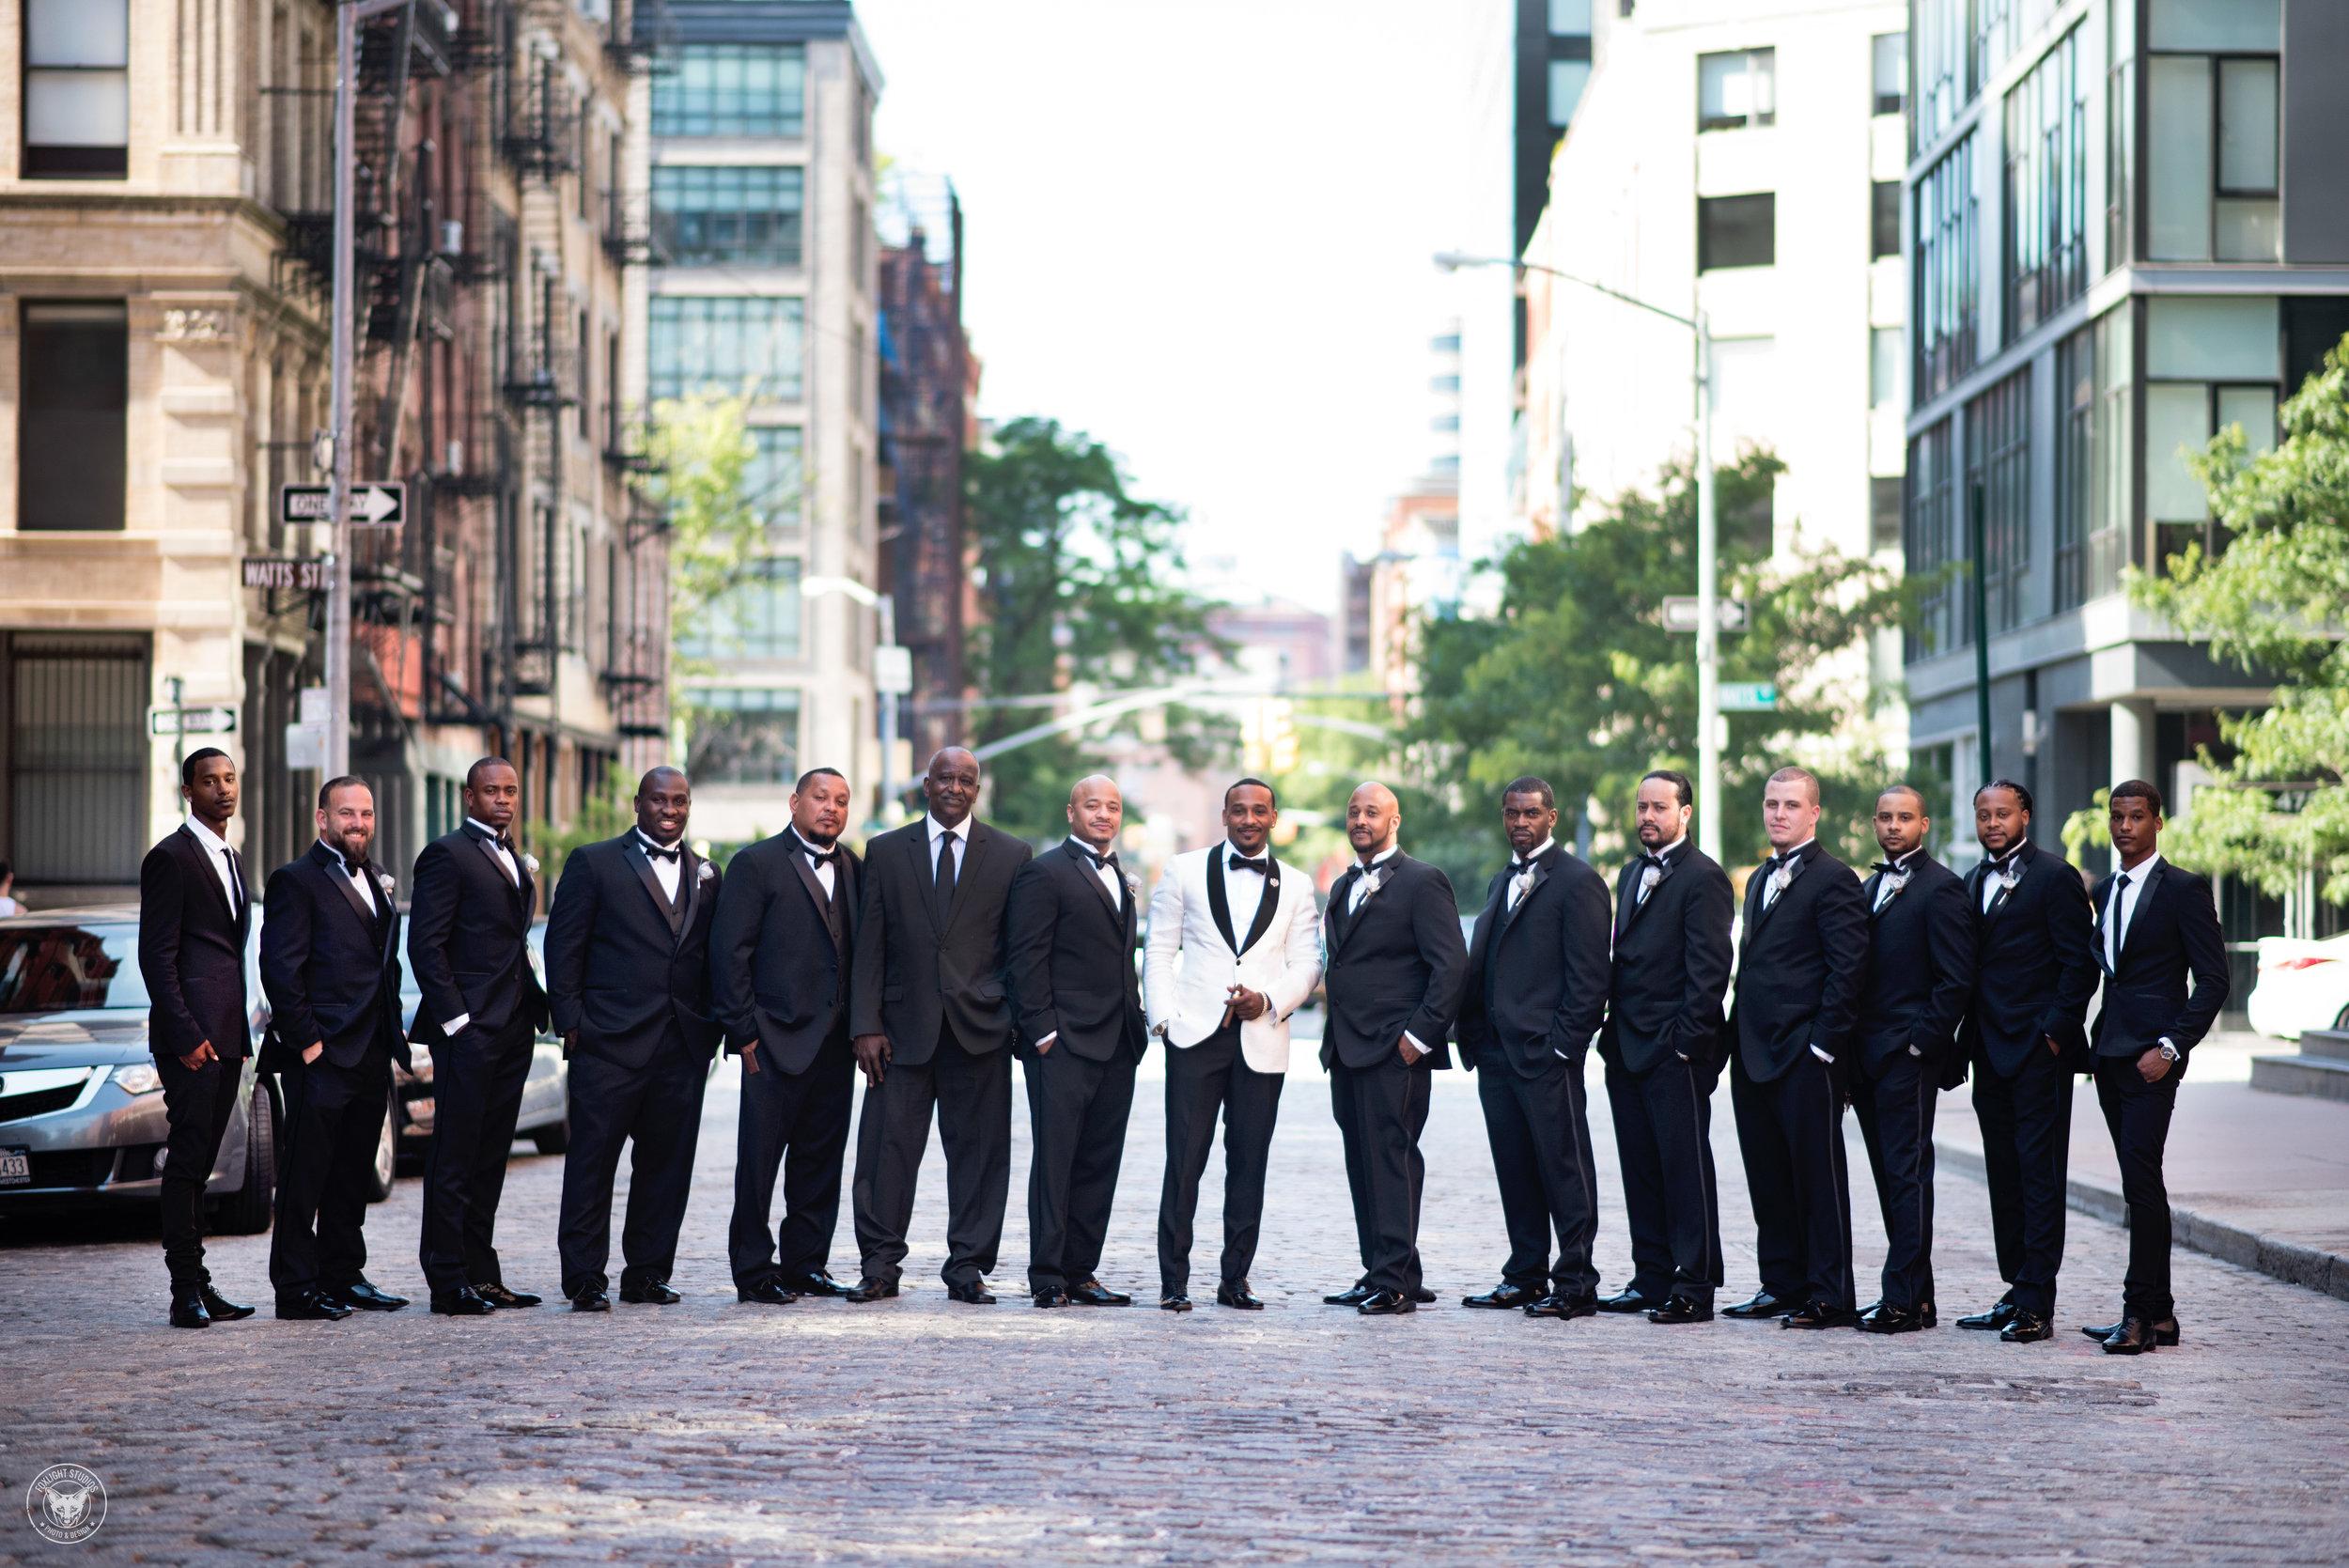 Tribeca_Rooftop_Wedding33.jpg